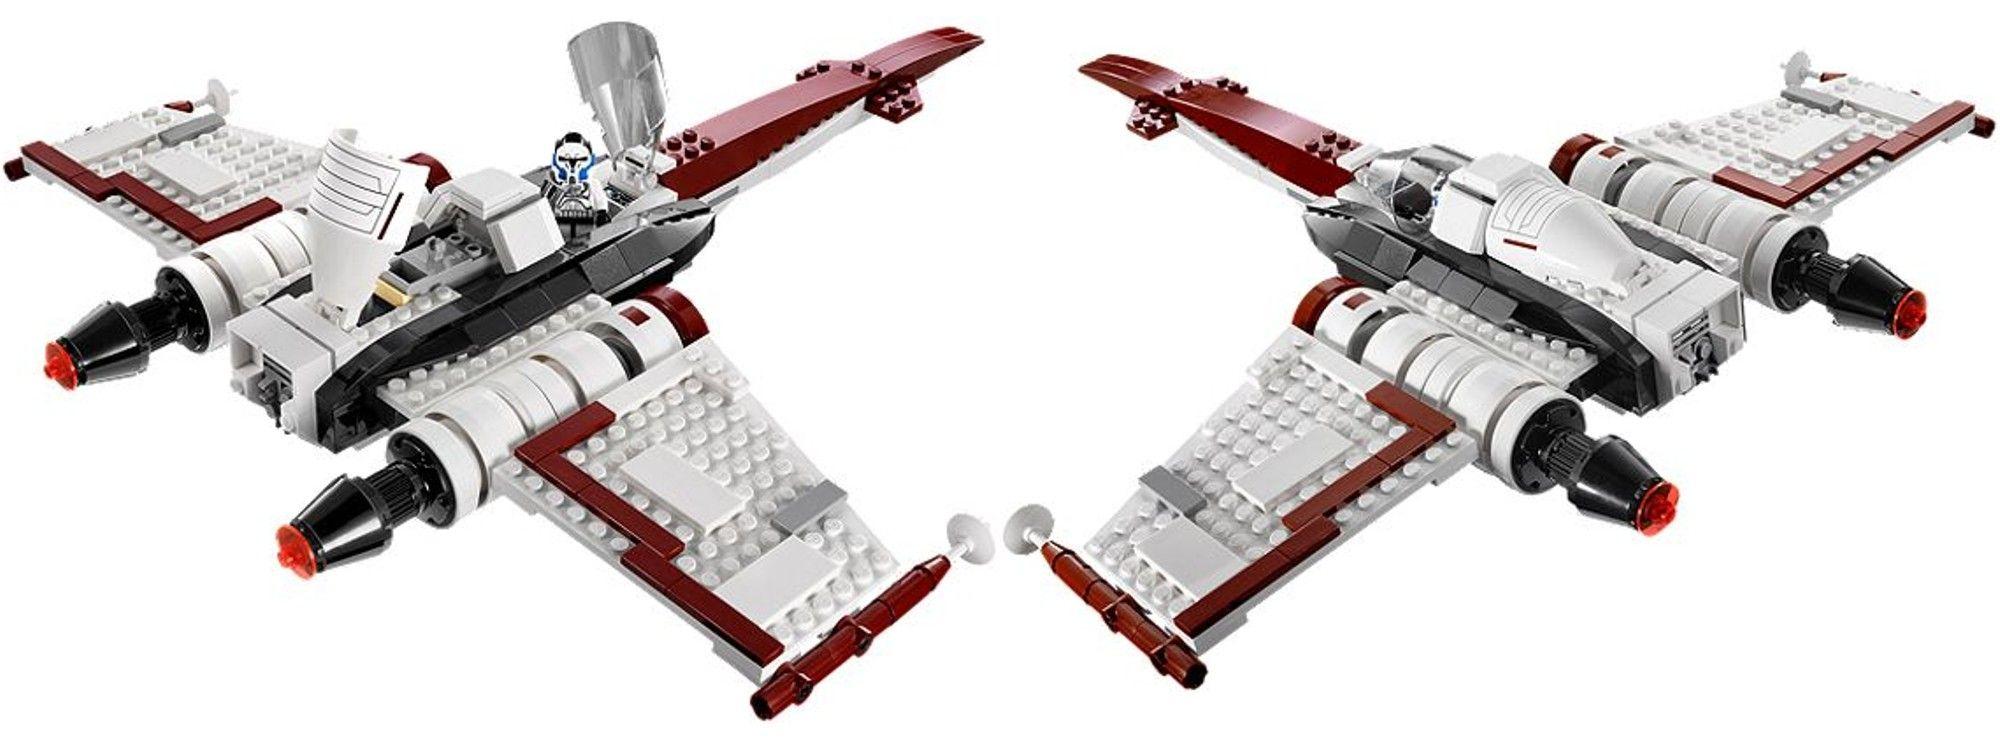 ausverkauft  LEGO 75004 Z95 Headhunter  LEGO STAR WARS  Online